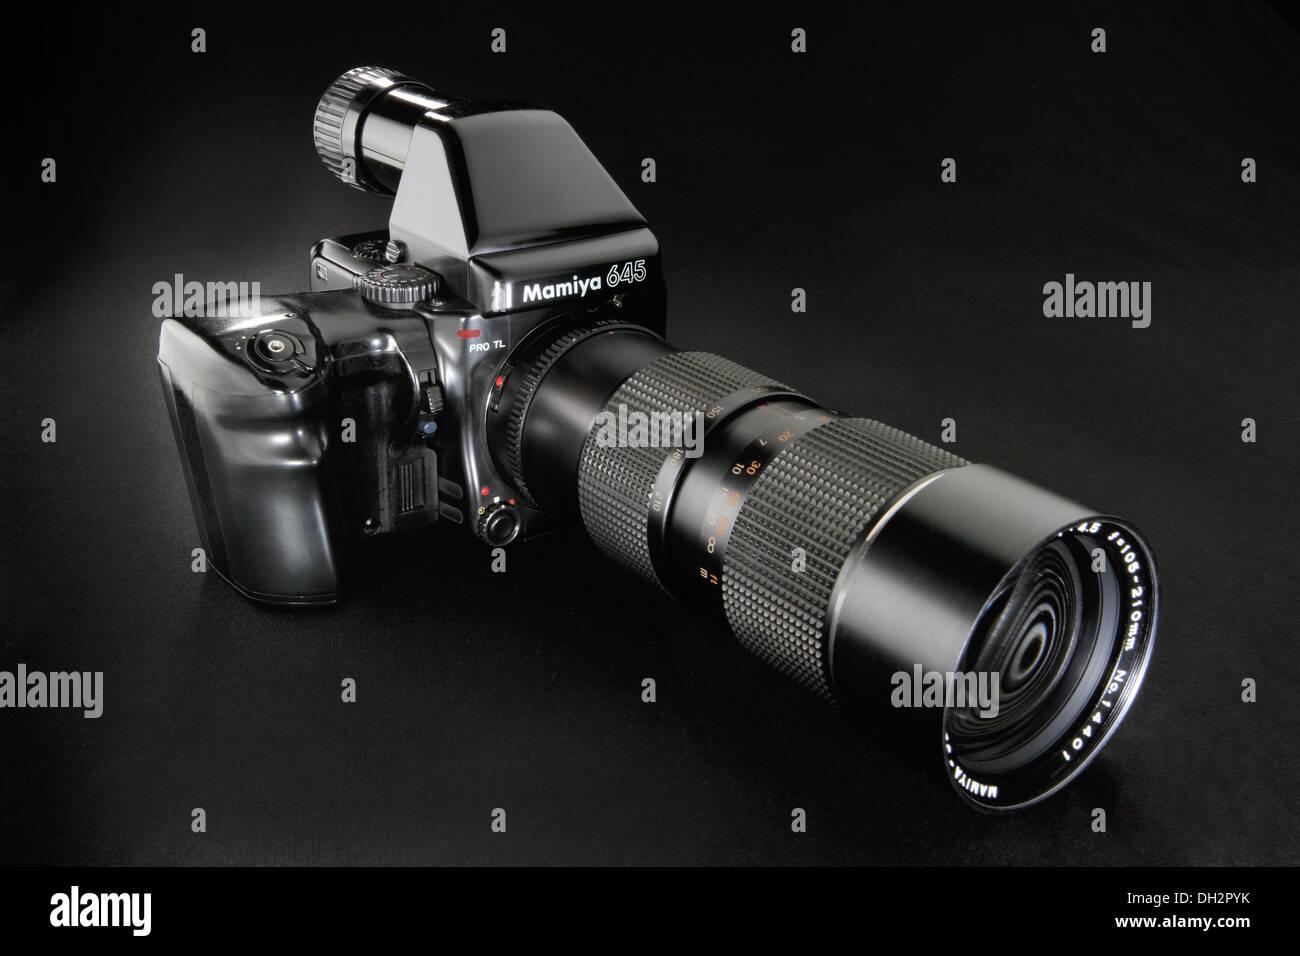 Film camera Mamiya 645 with long tele lens on black background - Stock Image